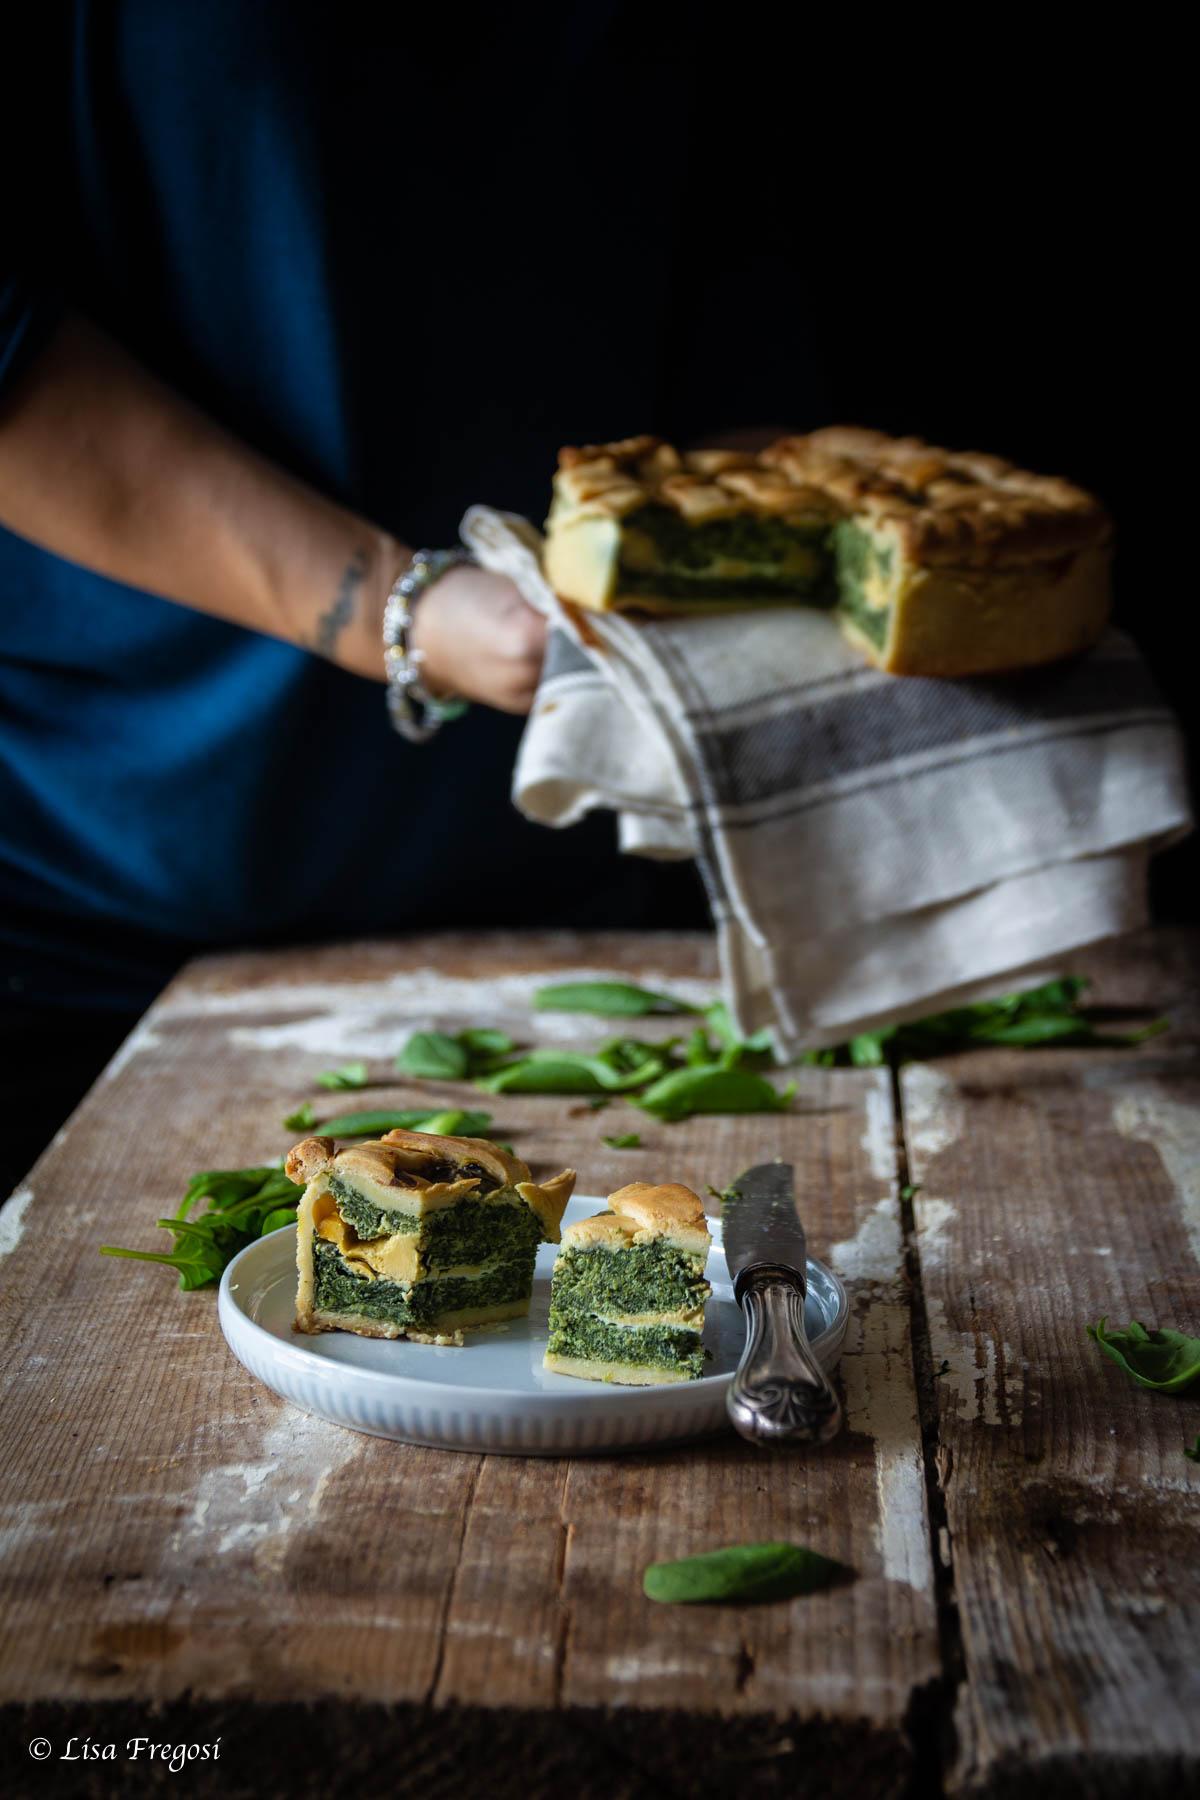 come fare la la torta salata con spinaci, ricotta e uova